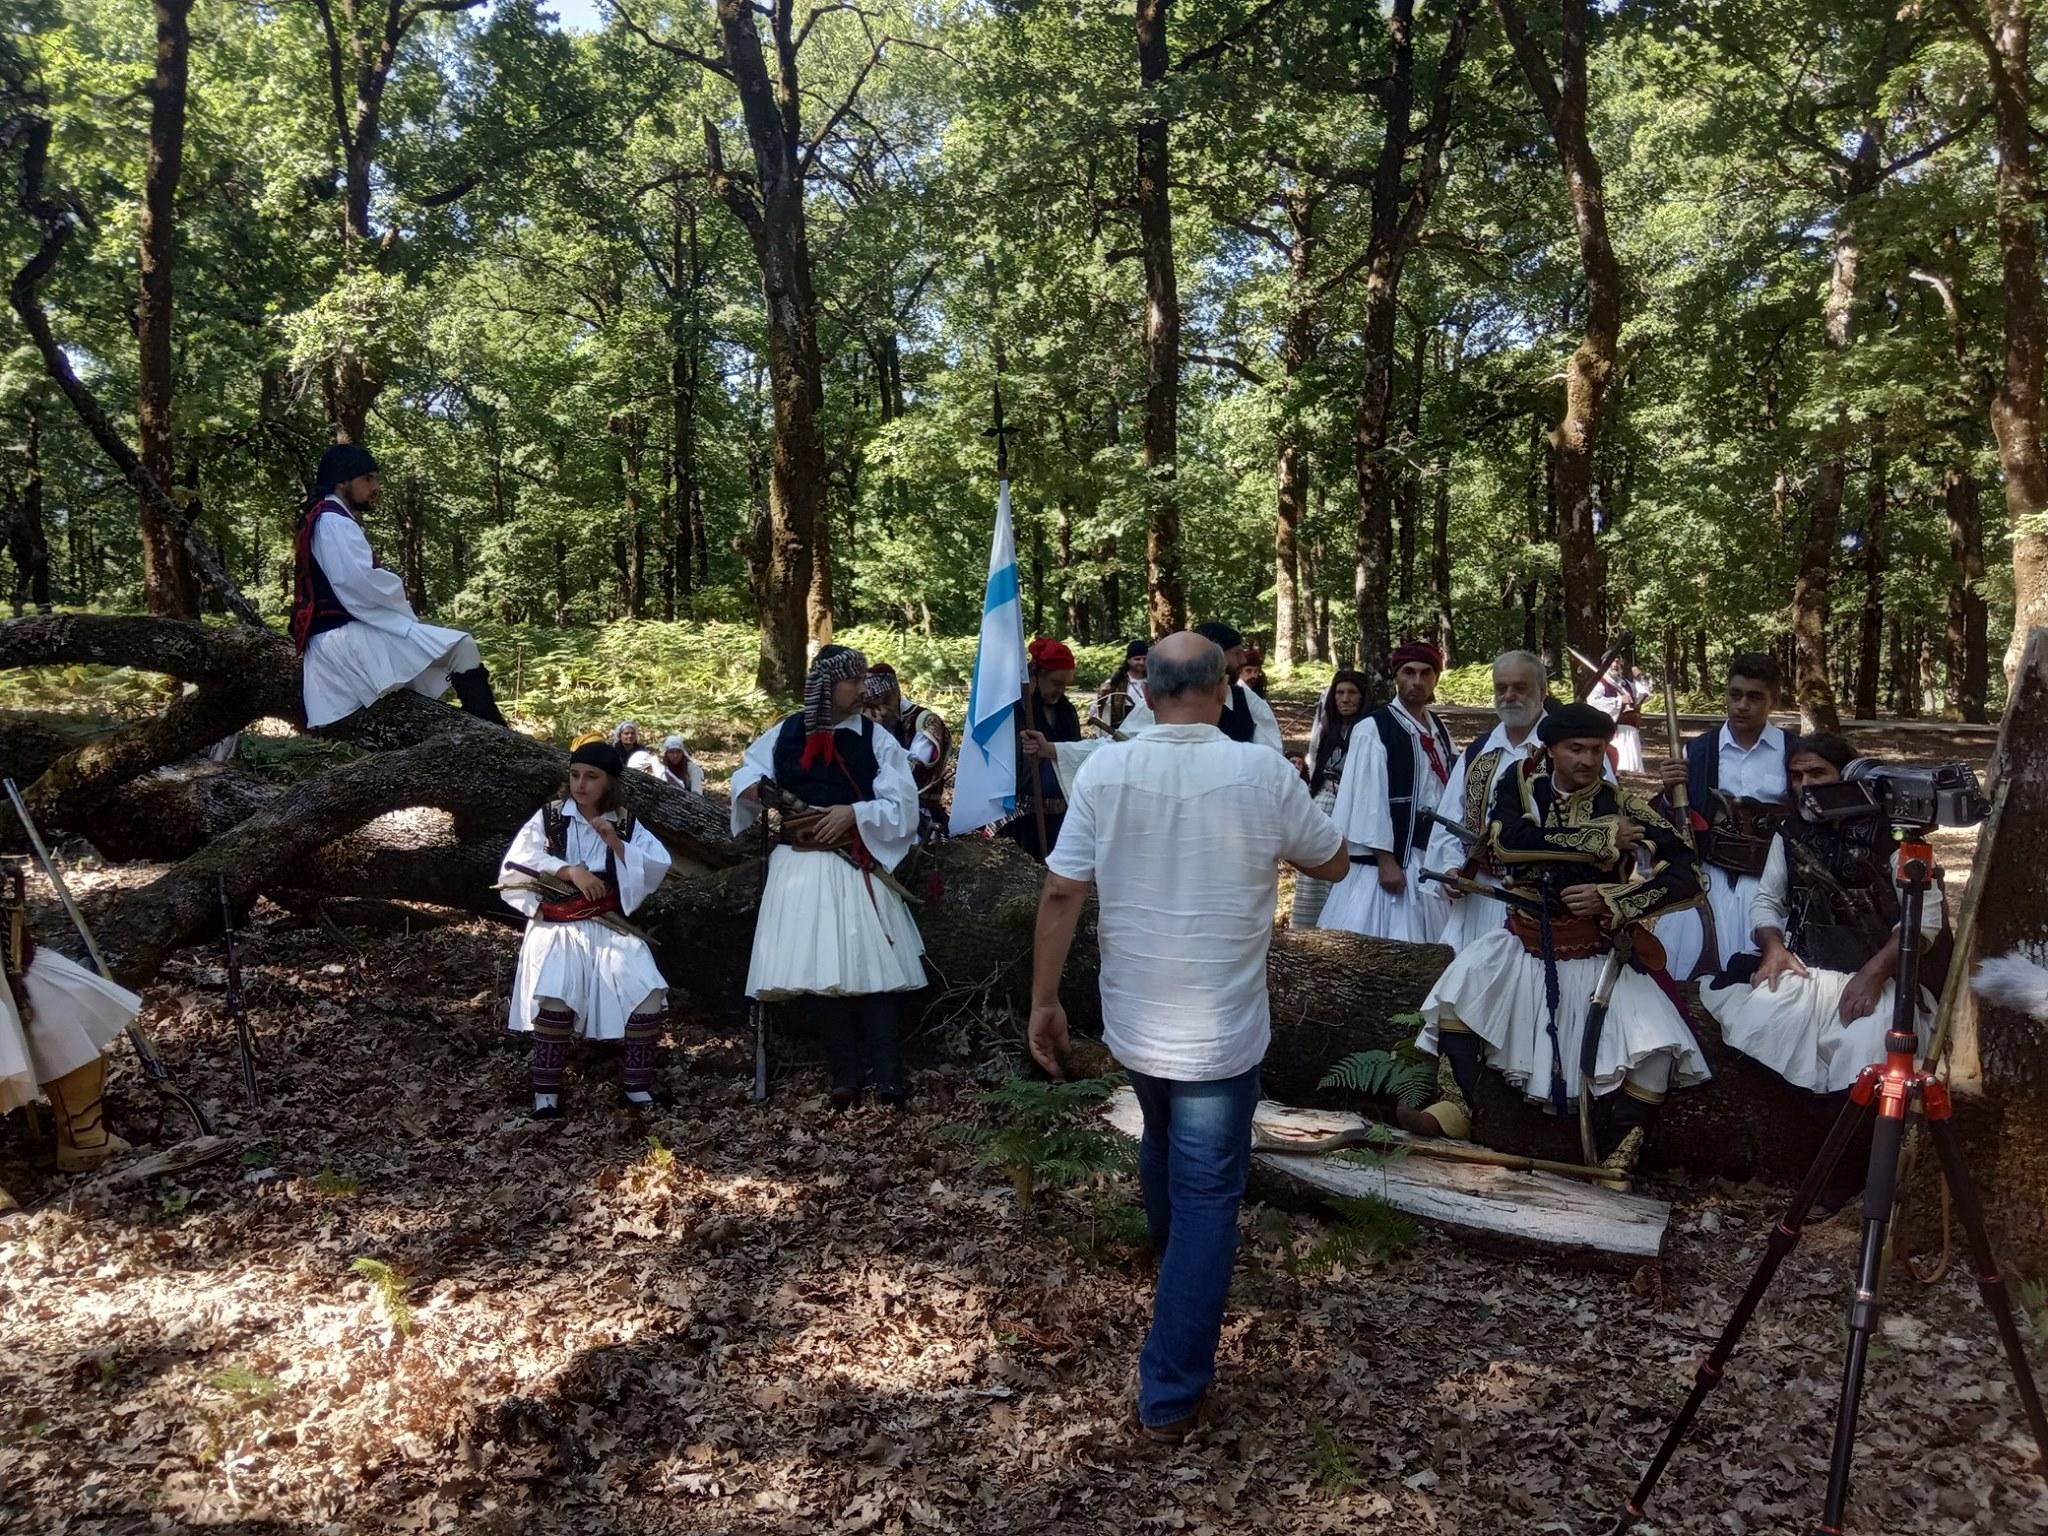 """Σύλλογος Φίλων Ιστορίας """"Χαράλαμπος Βιλαέτης"""": H Μάχη του Λάλα «ζωντανεύει» σε ταινία – ντοκιμαντέρ (photos)"""